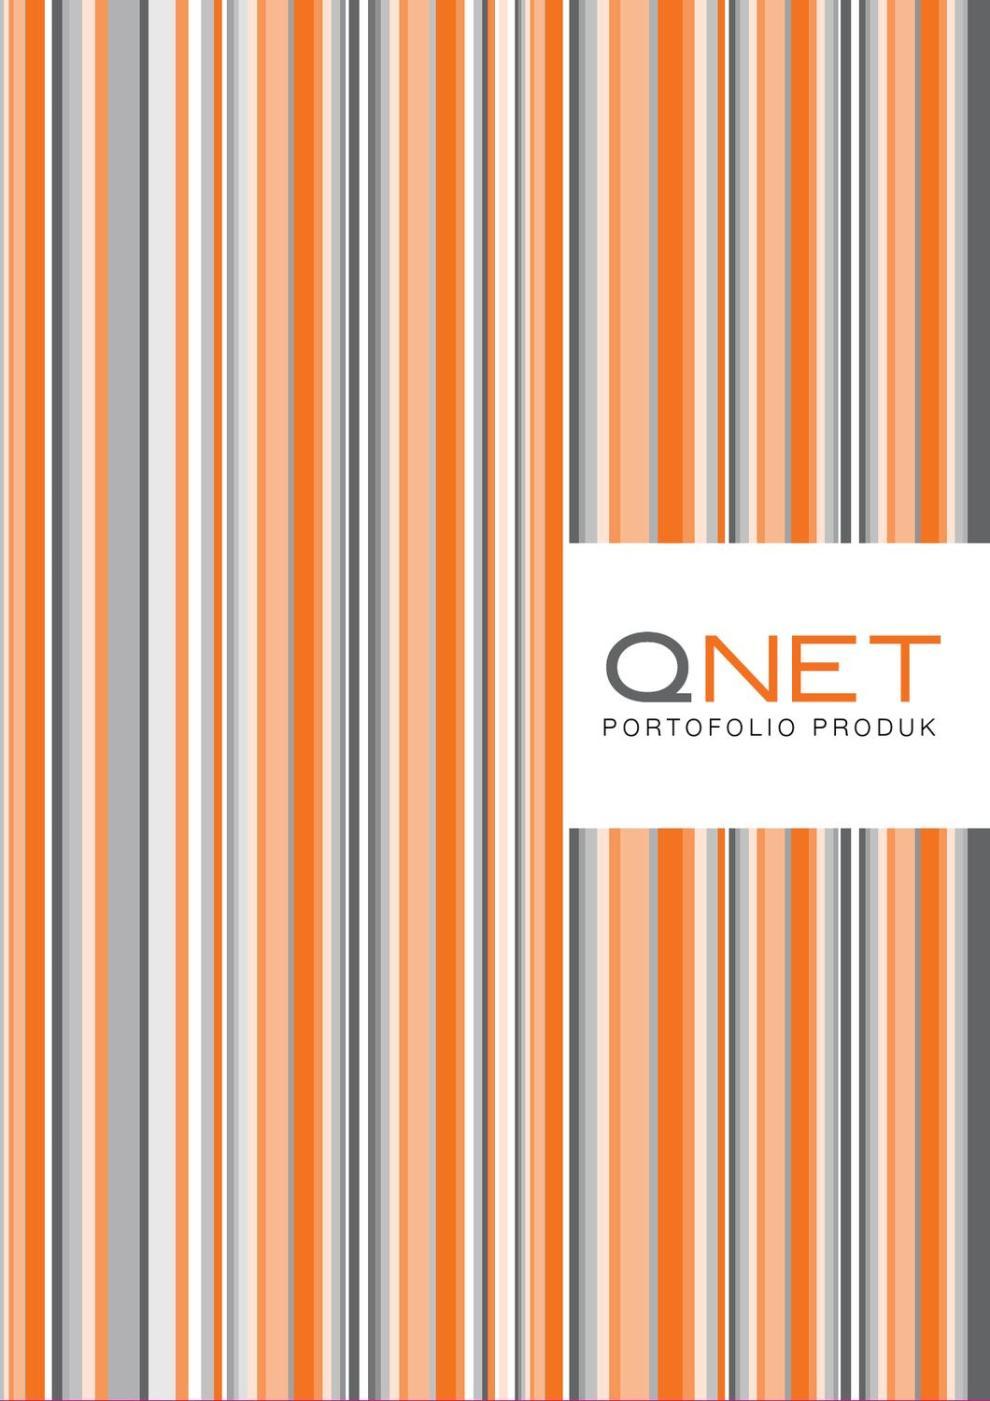 Qnet Indonesia